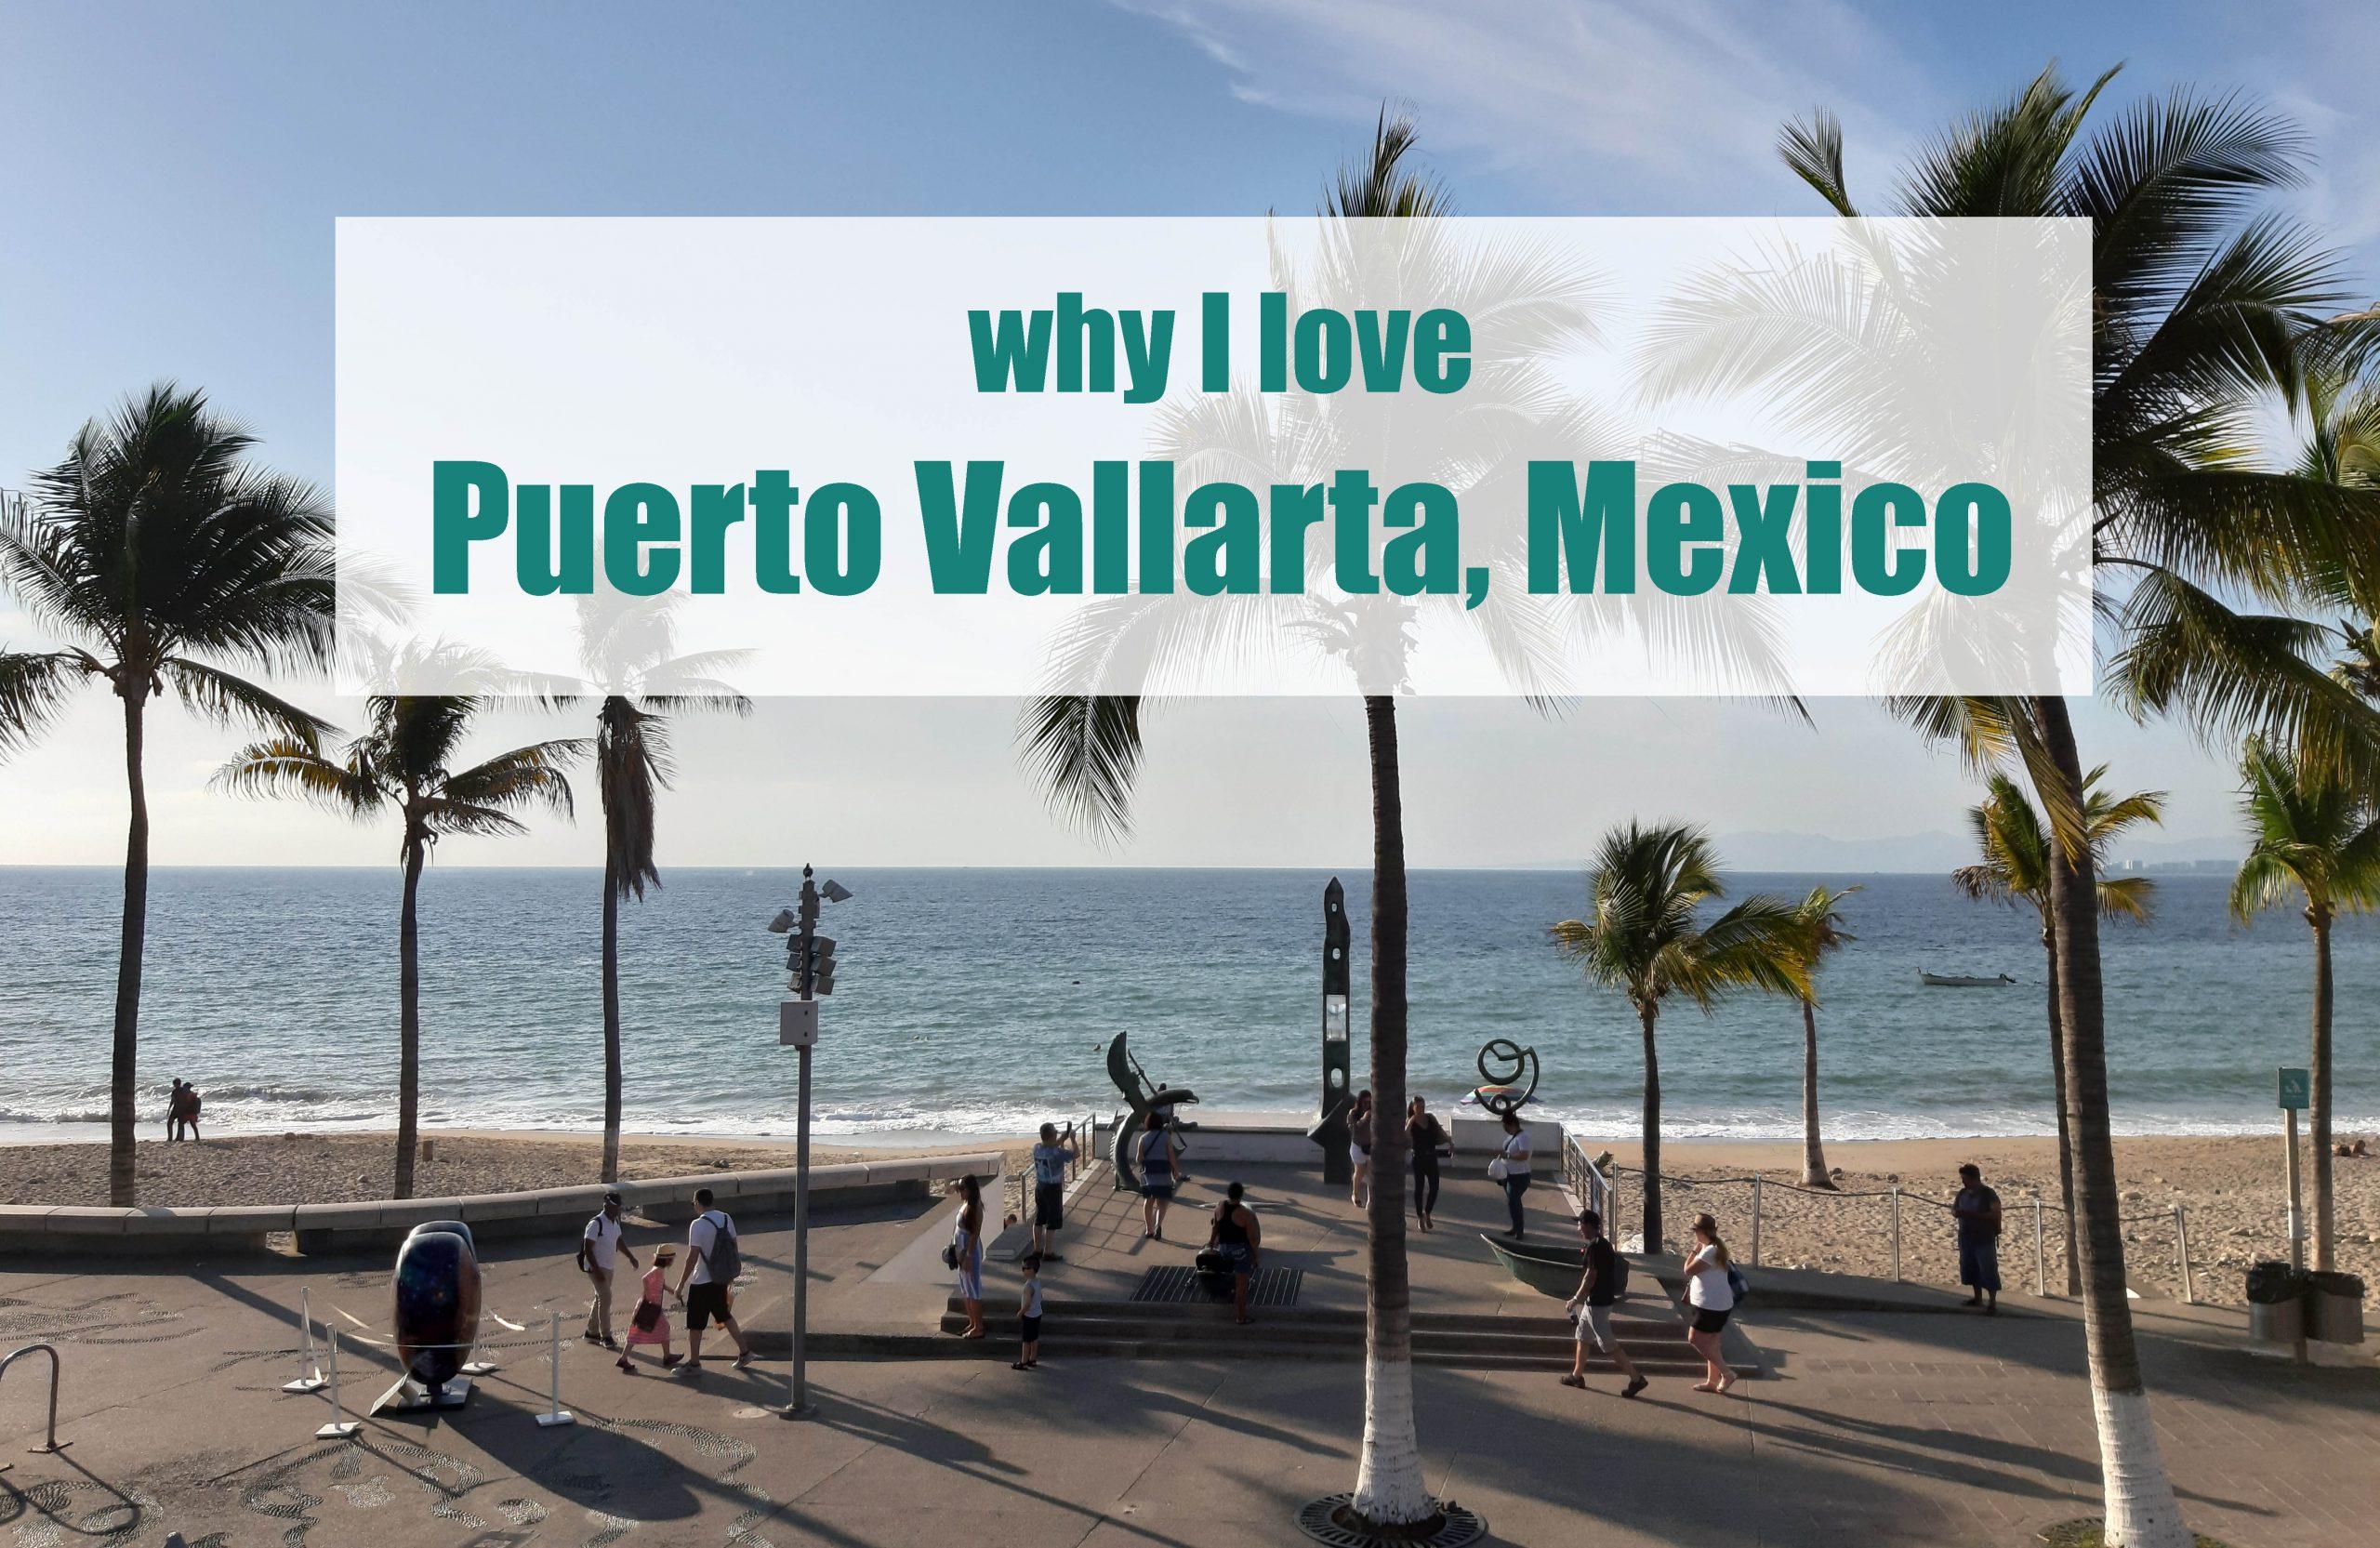 Why I love Puerto Vallarta, Mexico